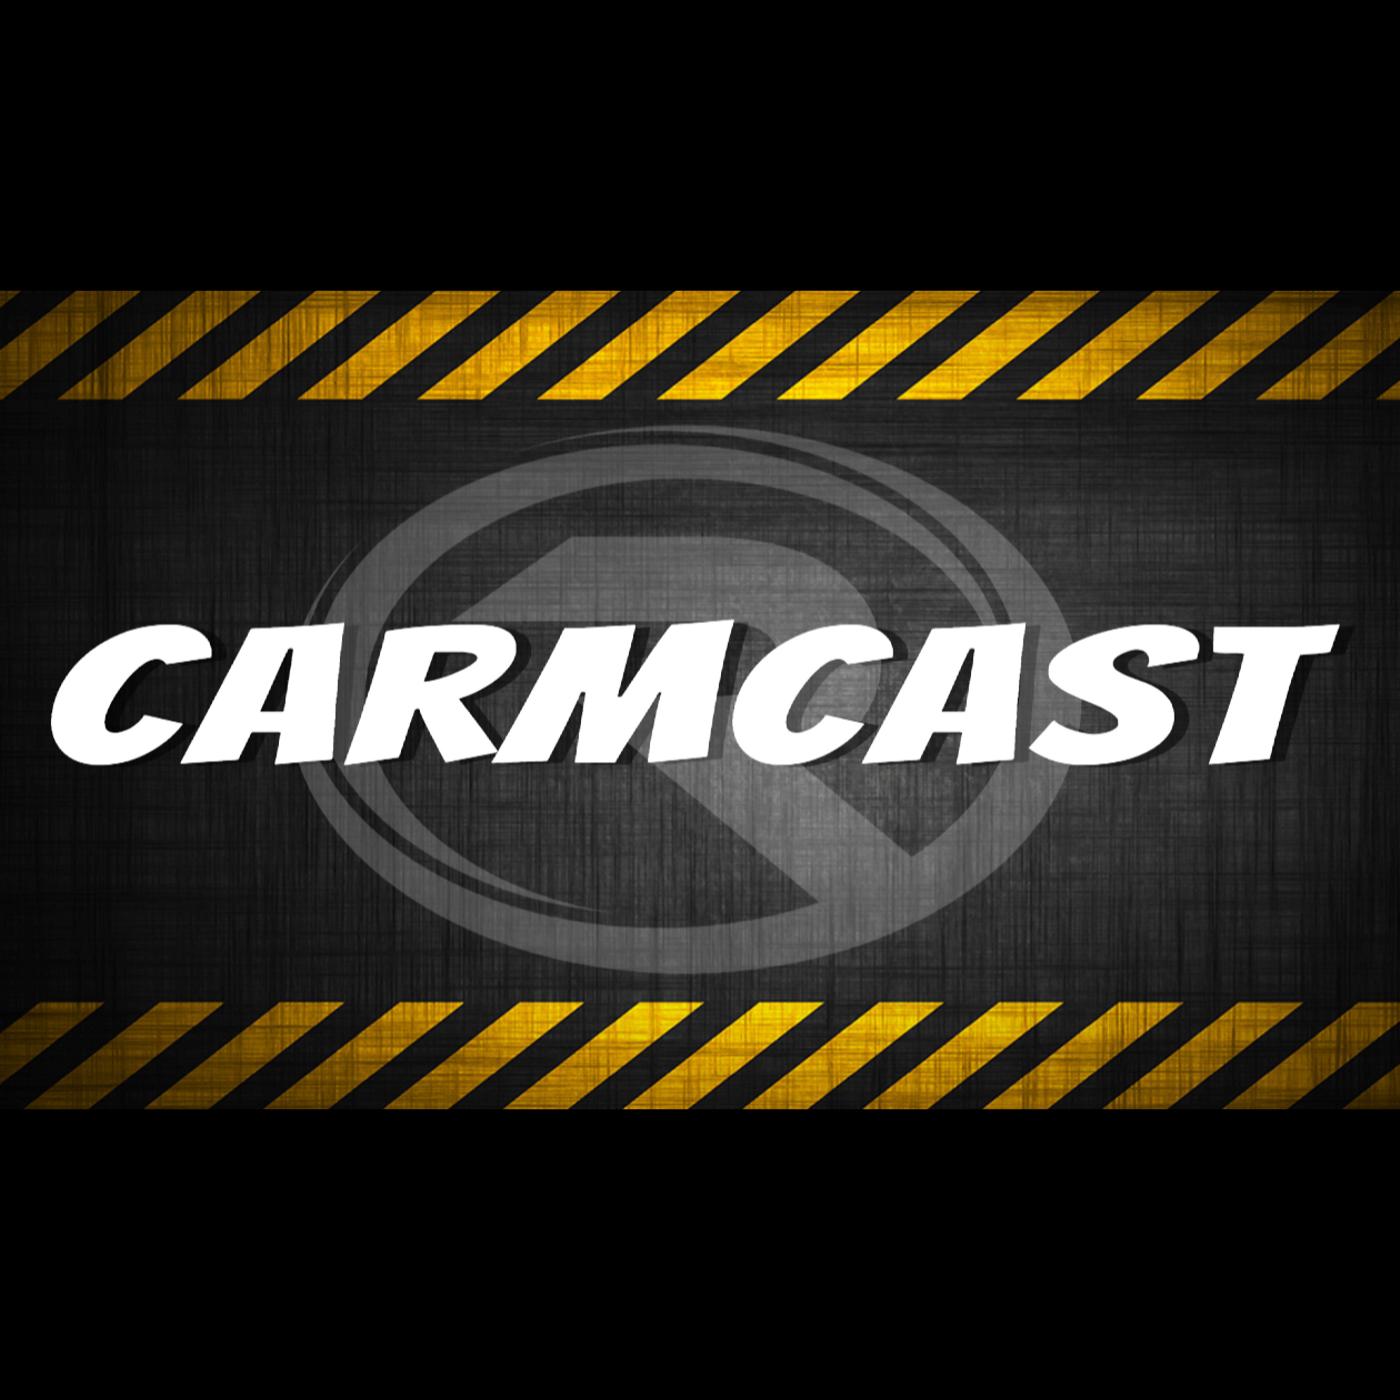 CarmCast 14x14